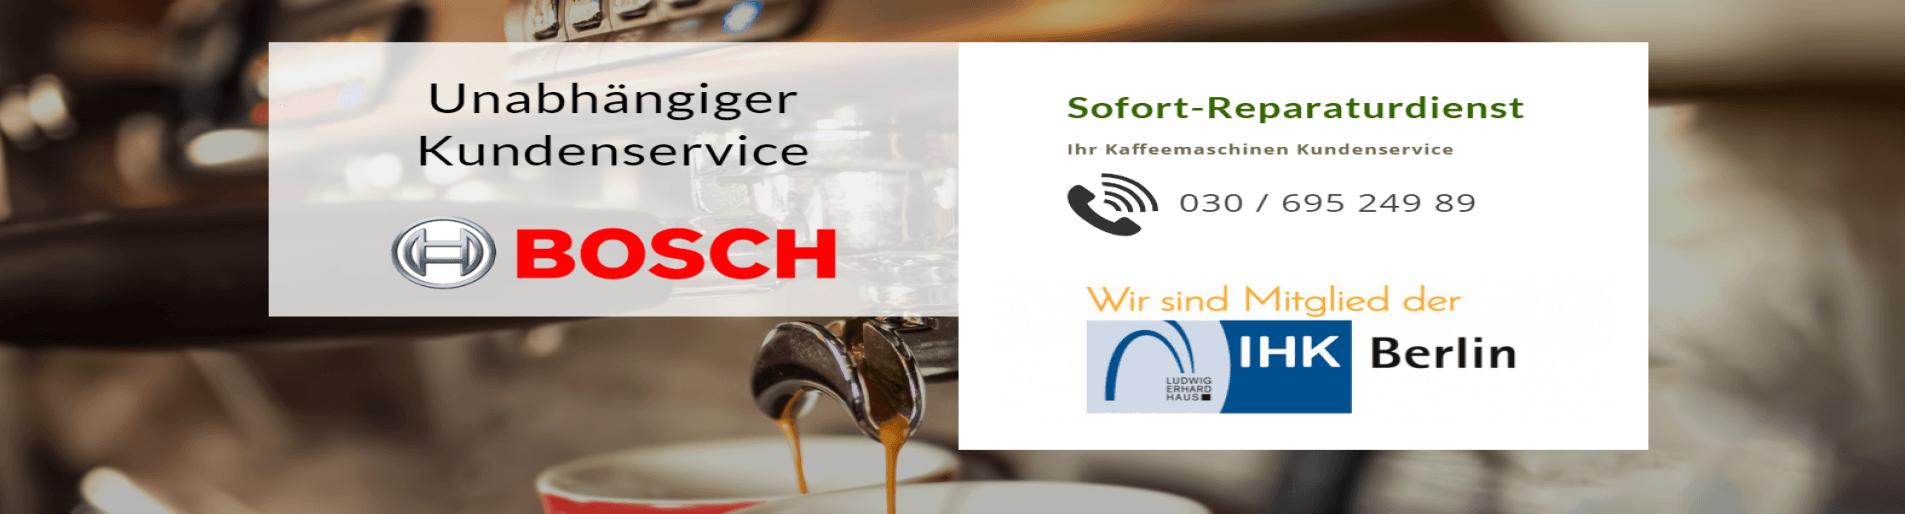 Bosch Kaffeemaschinen Reparatur